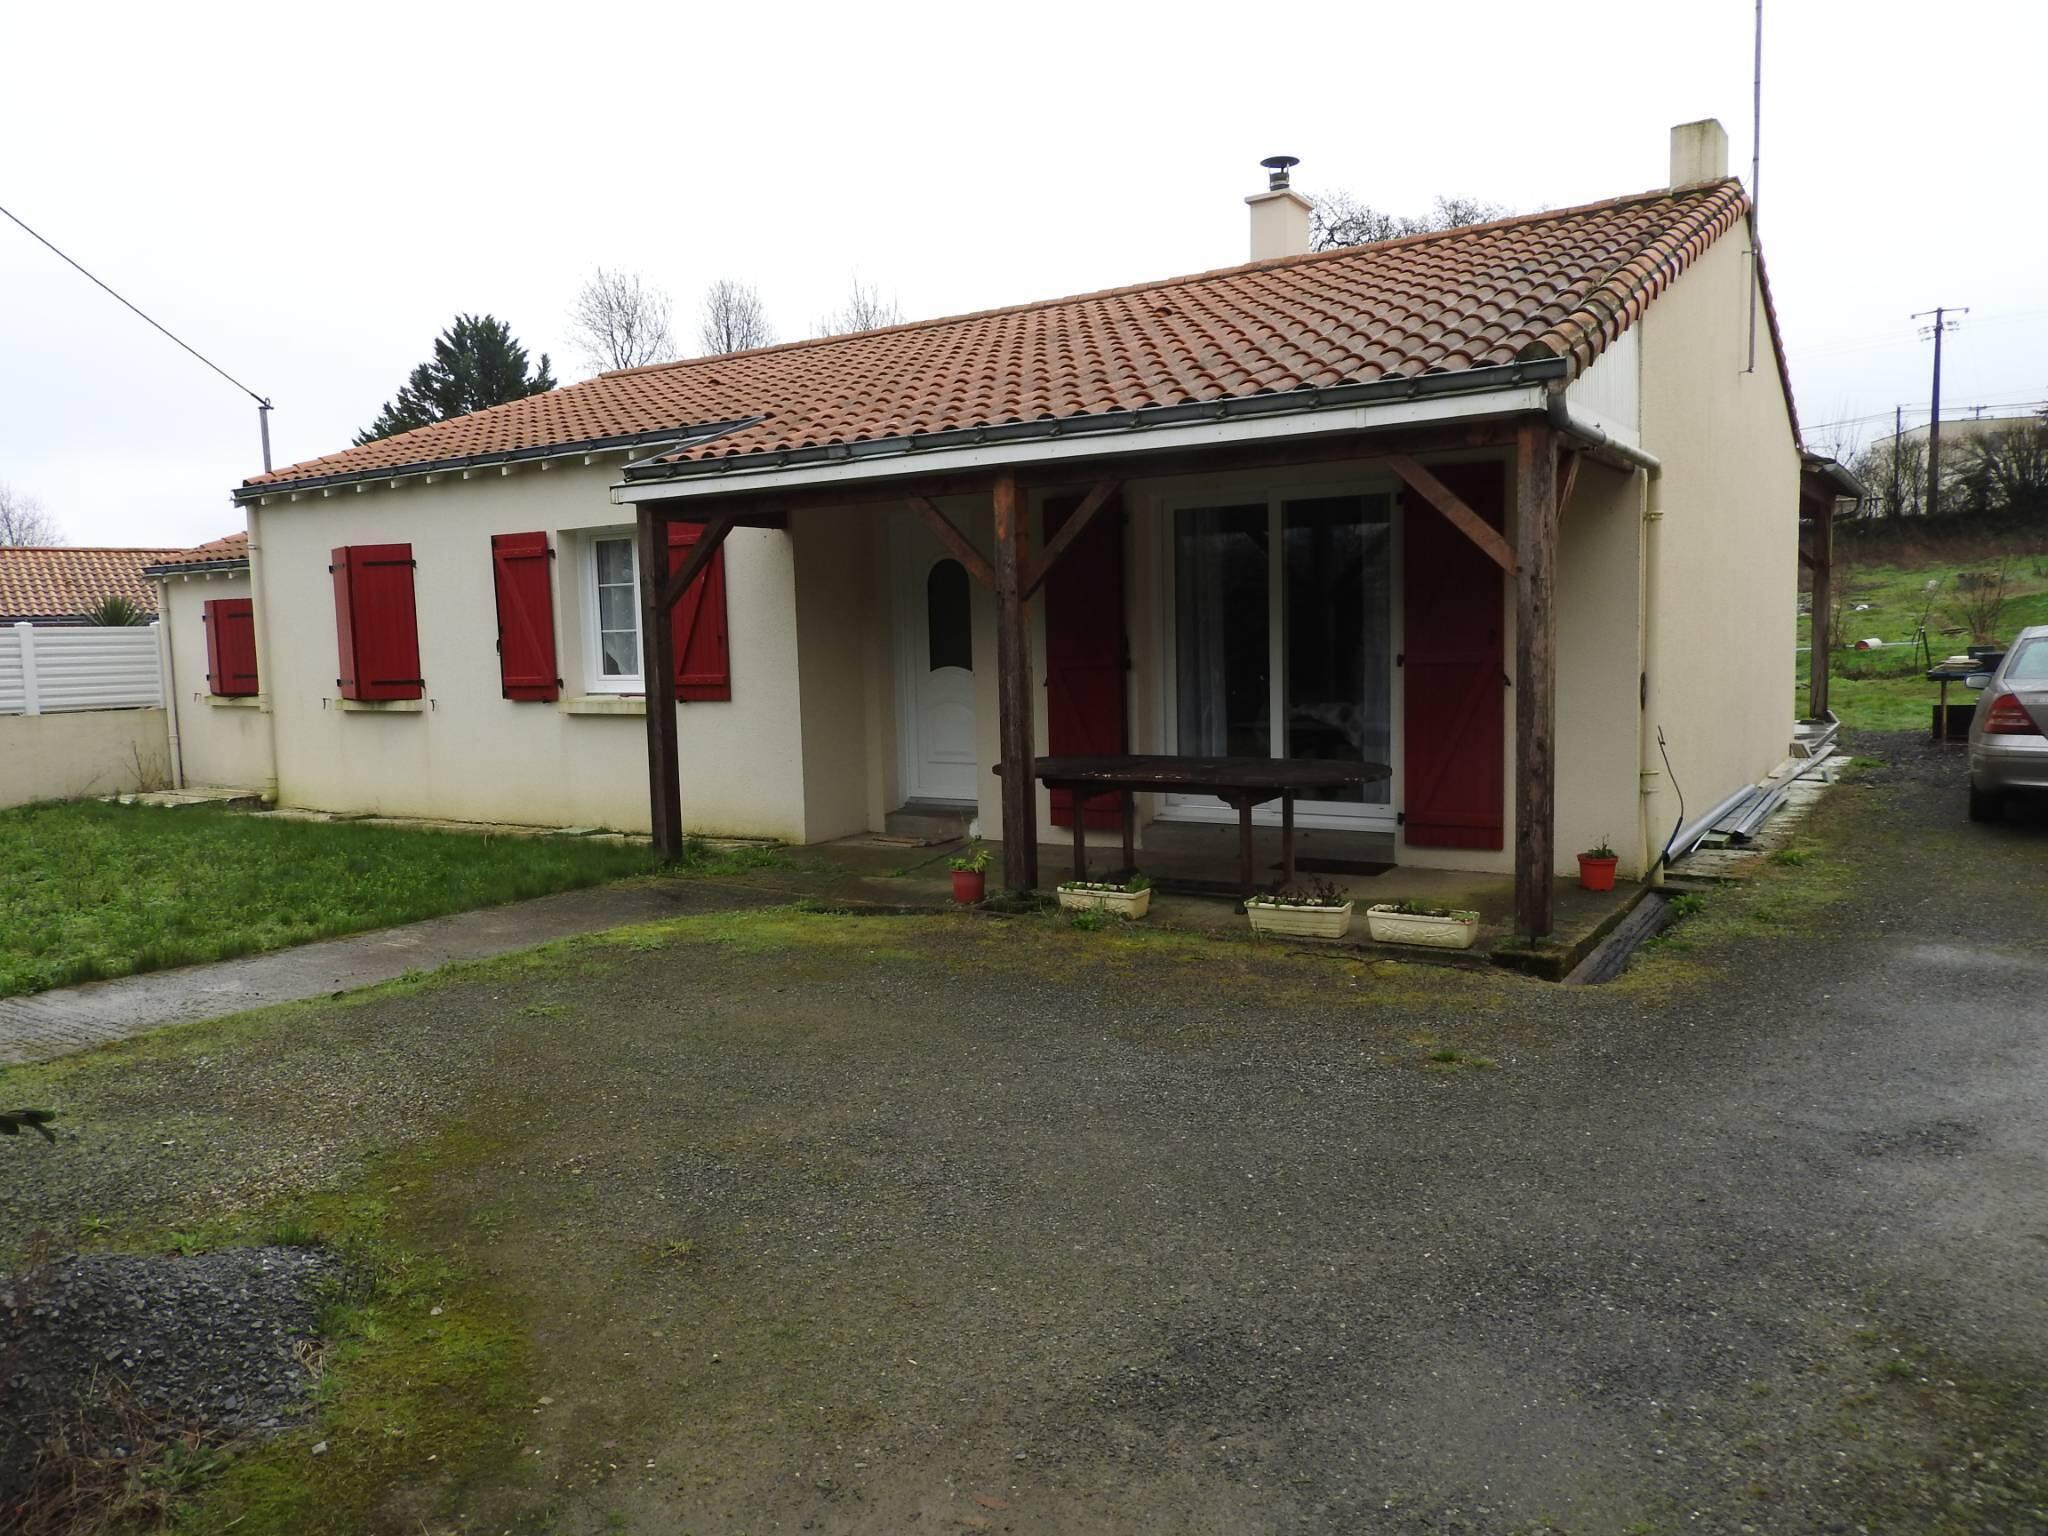 Location Meublée 4 Pièces Saint-Philbert-De-Grand-Lieu ... serapportantà Piscine Saint Philbert De Grand Lieu